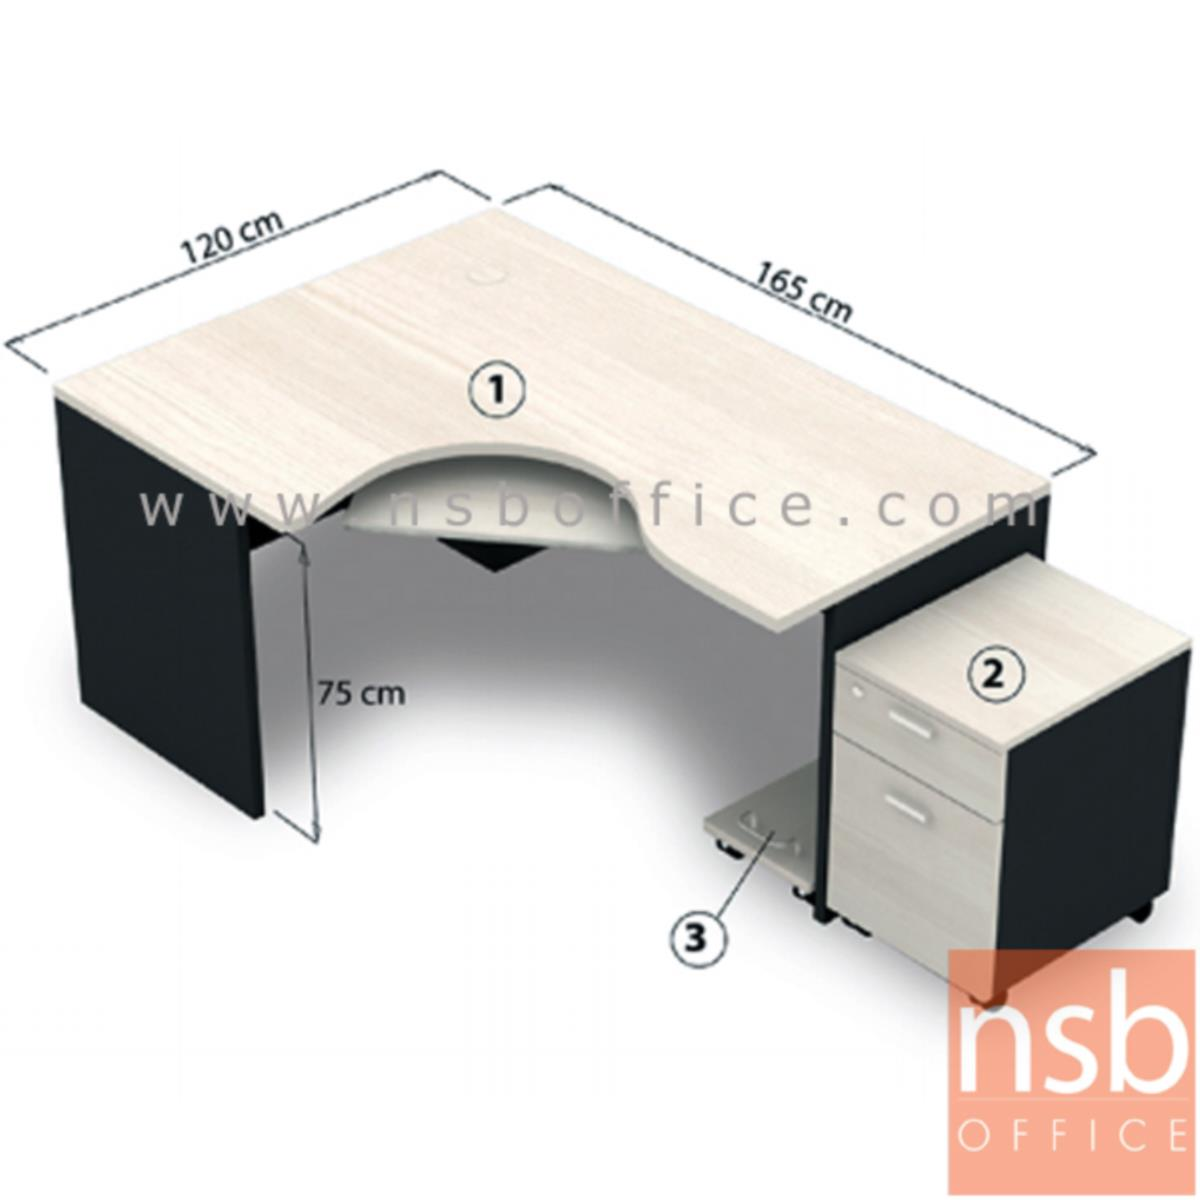 โต๊ะผู้บริหารตัวแอลหน้าโค้งเว้า  รุ่น Airiam (แอริซึ่ม) ขนาด 165W1*120W2 cm. พร้อมคีย์บอร์ด ที่วางซีพียู ตู้ลิ้นชักล้อเลื่อน